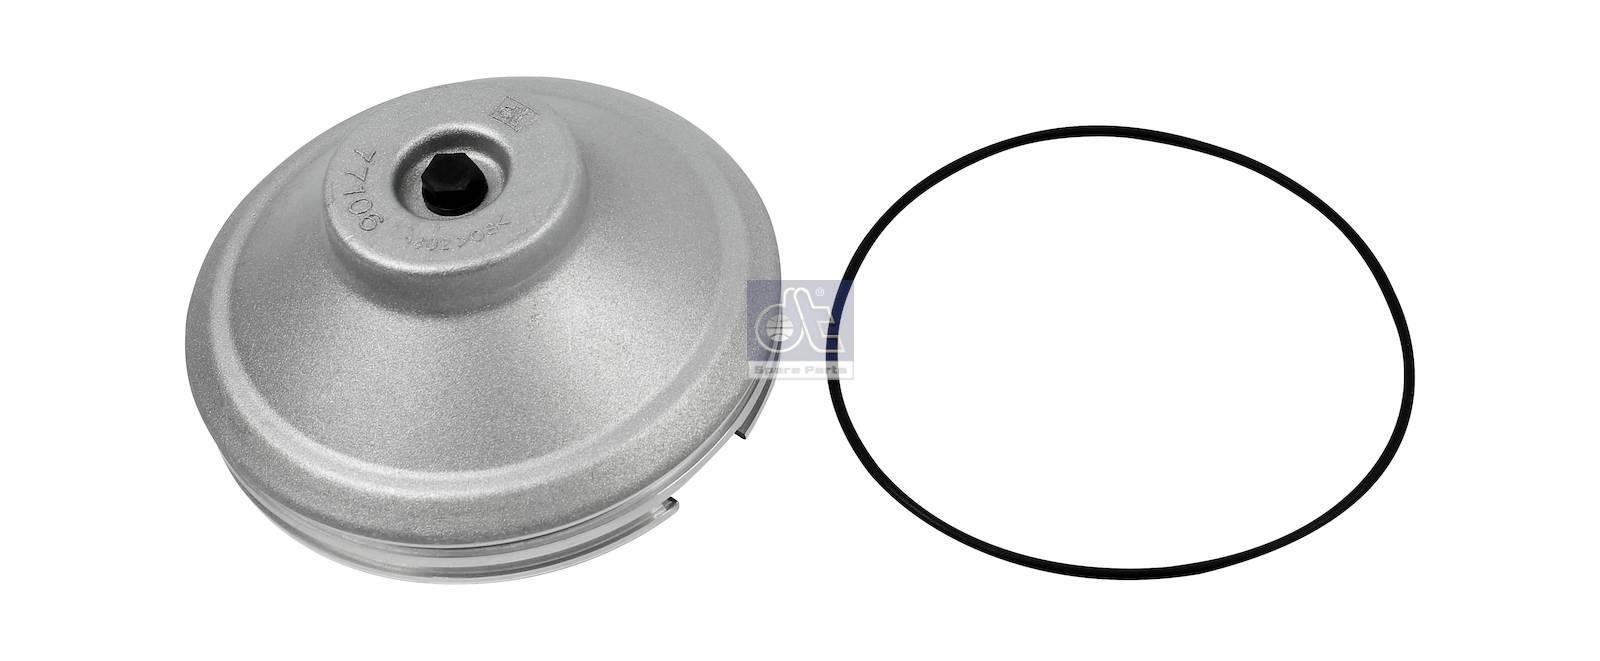 Крышка ступицы, в сборе с уплотнительным кольцом круглого сечения